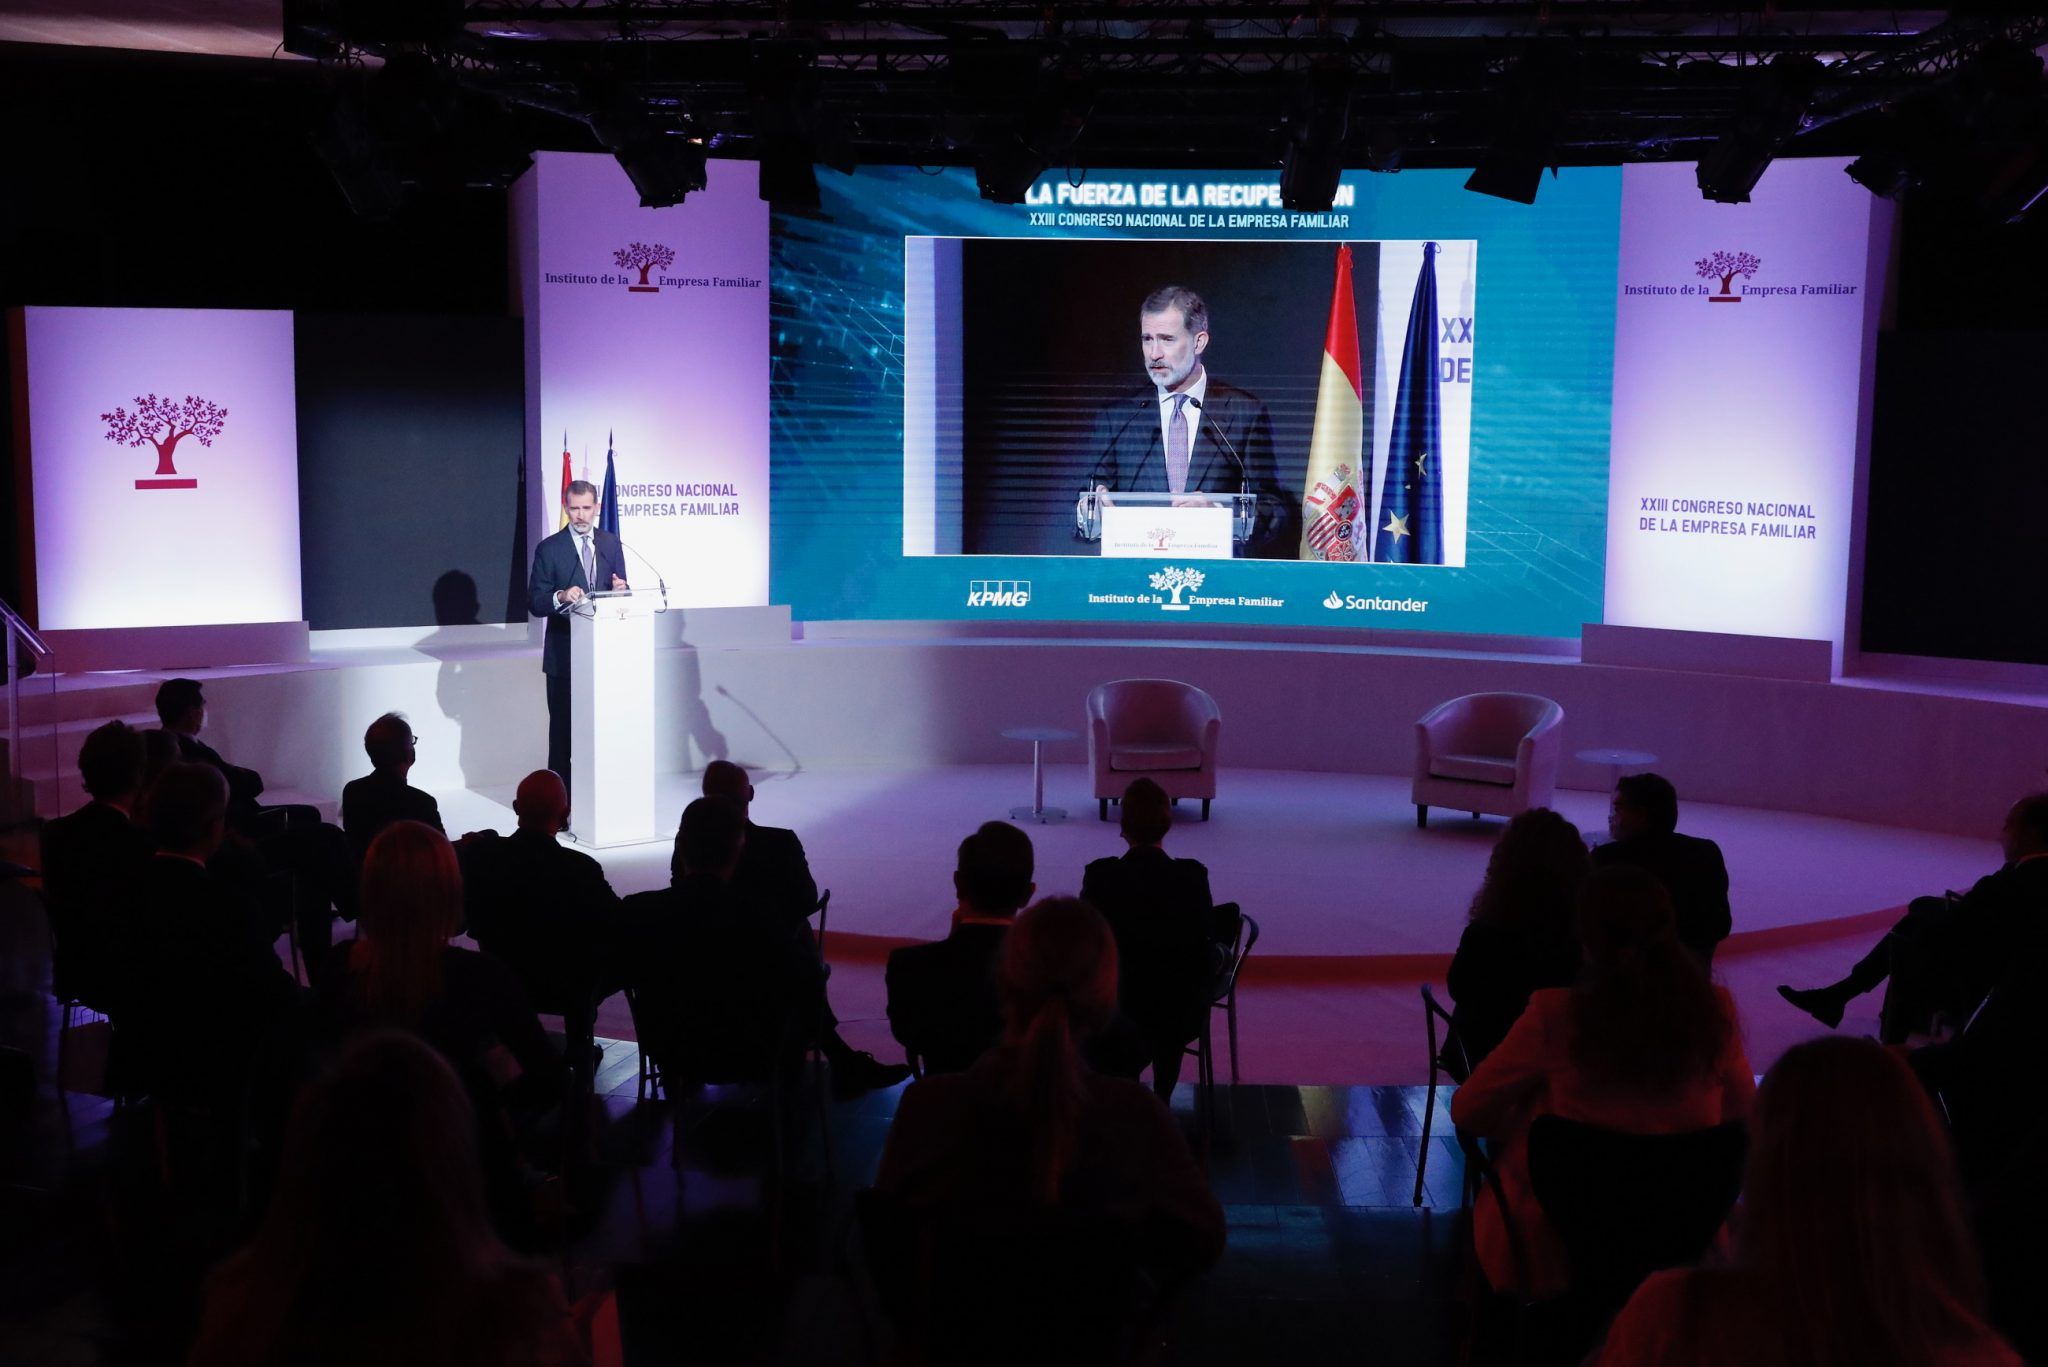 Su Majestad el Rey Felipe VI inaugura el XXIII Congreso Nacional de la Empresa Familiar